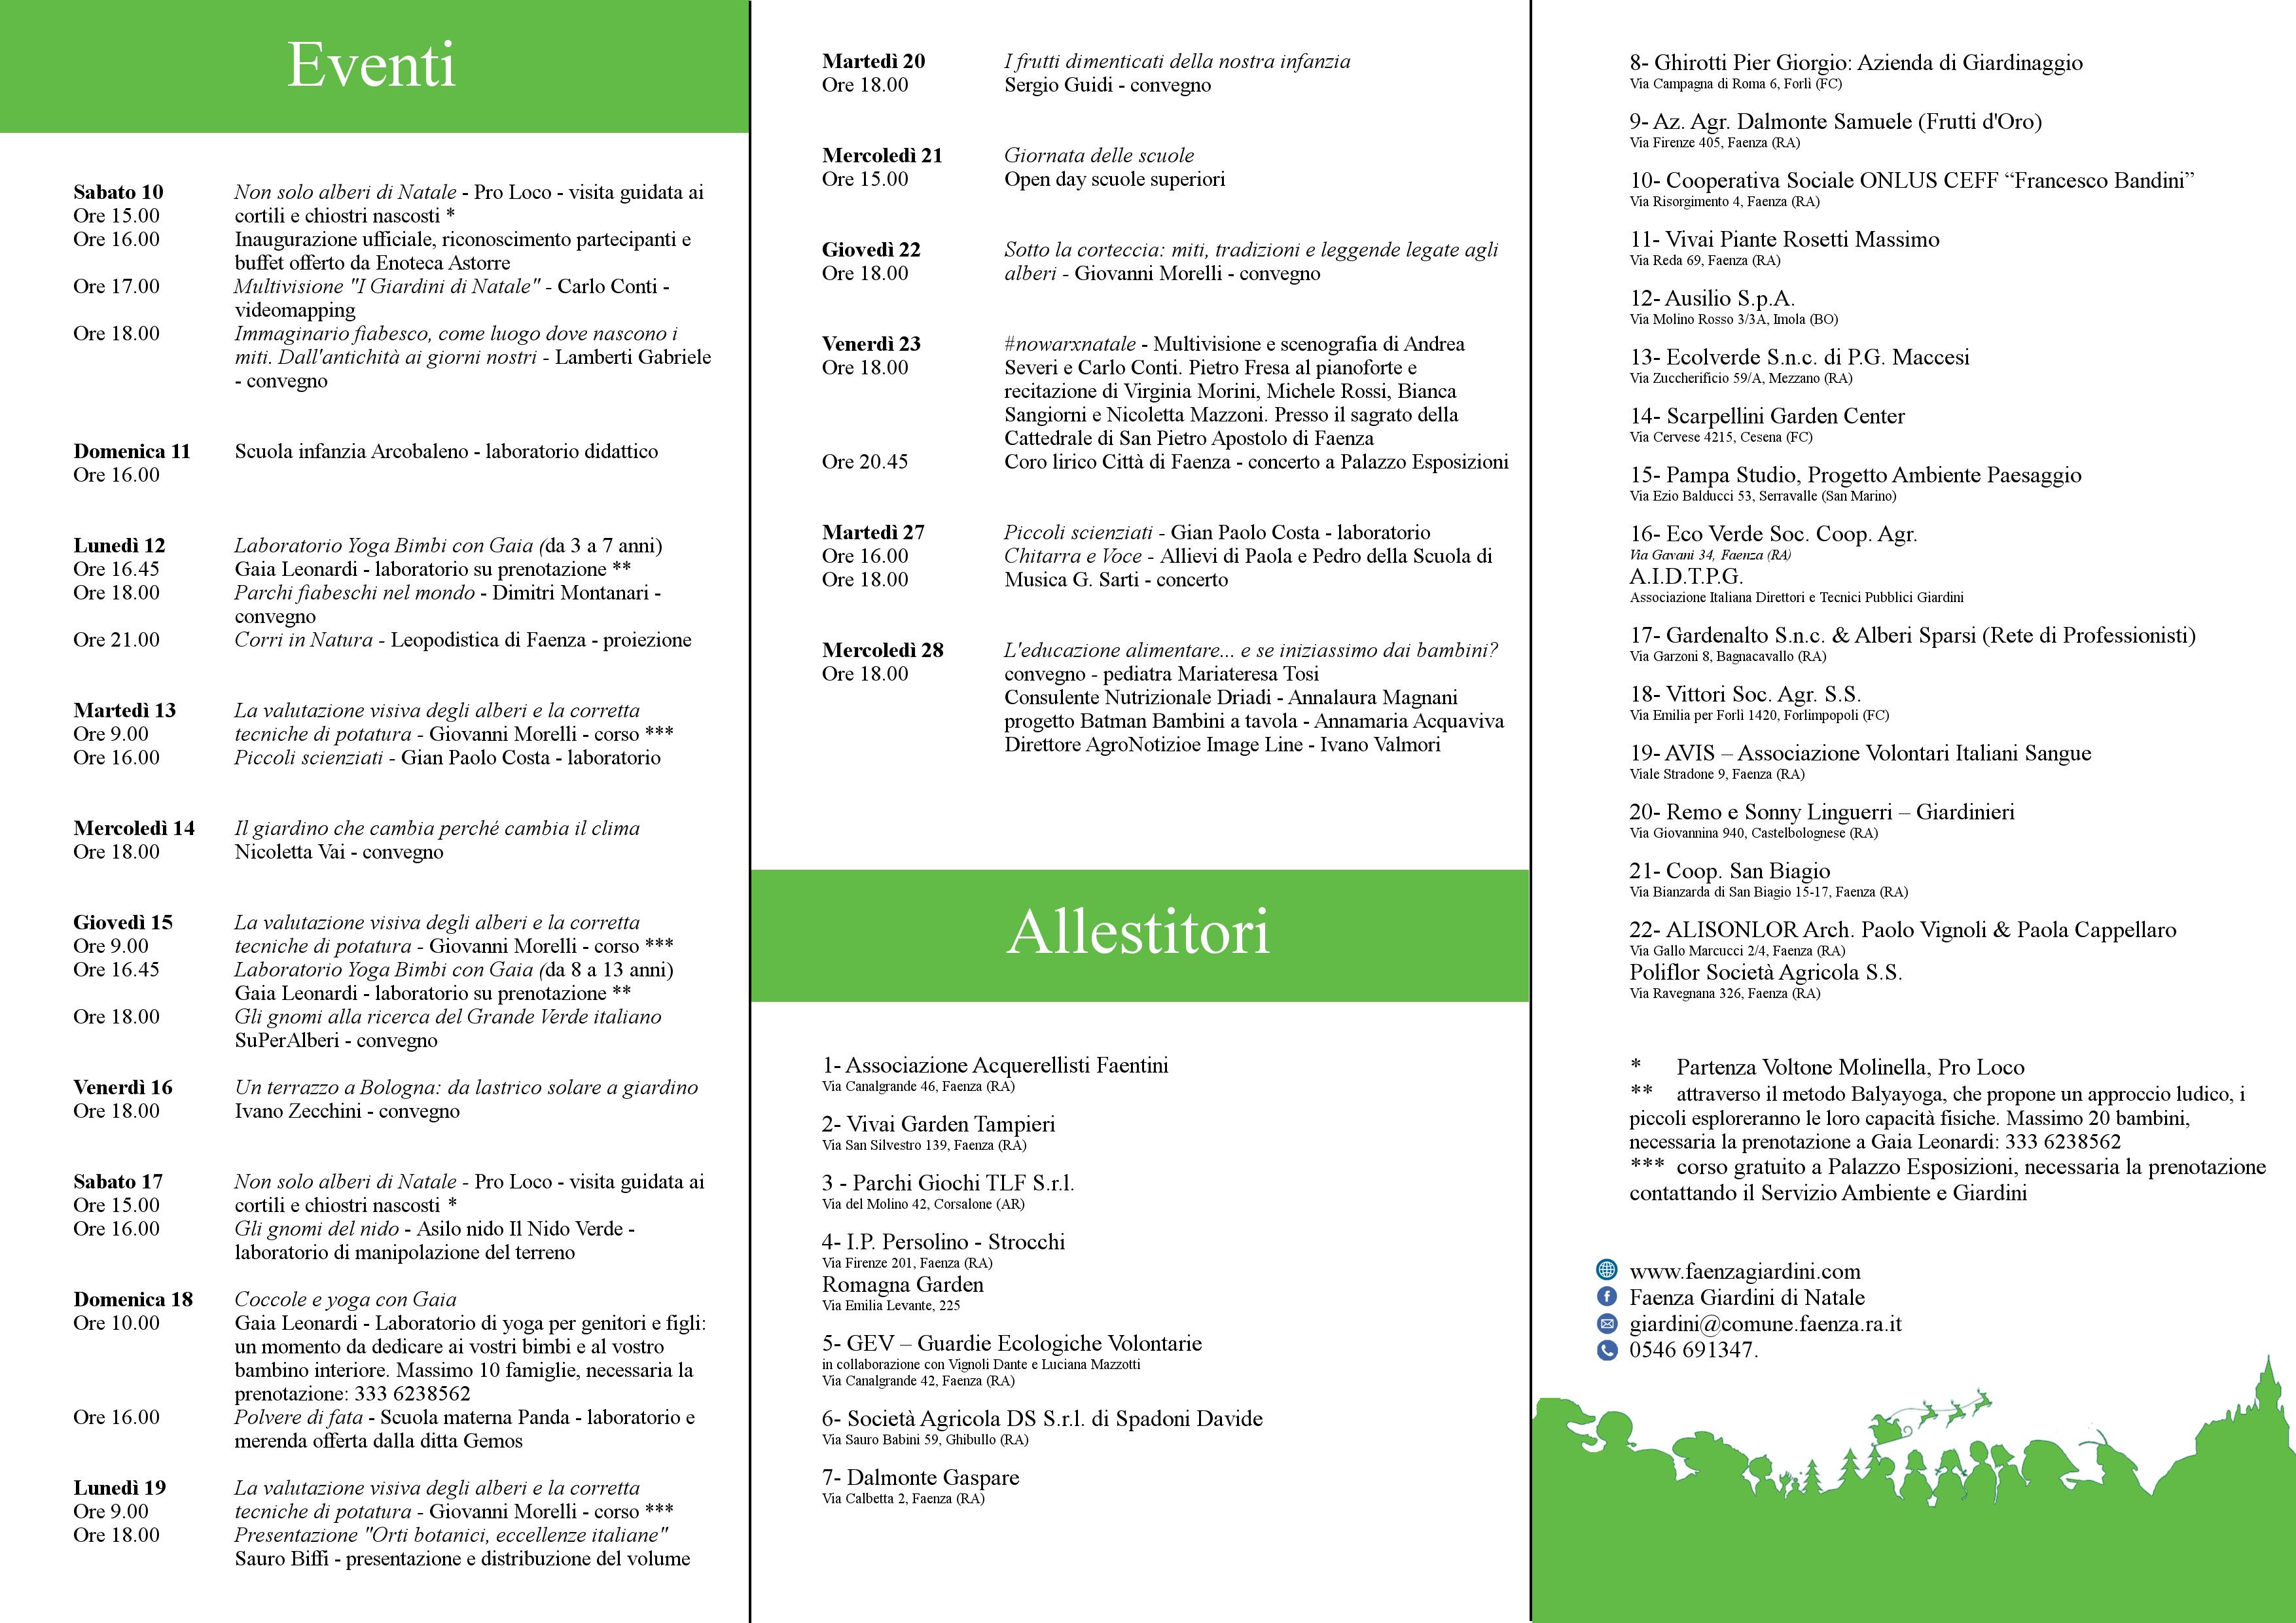 Eventi E Allestitori Giardini Di Natale 7a Edizione Servizio